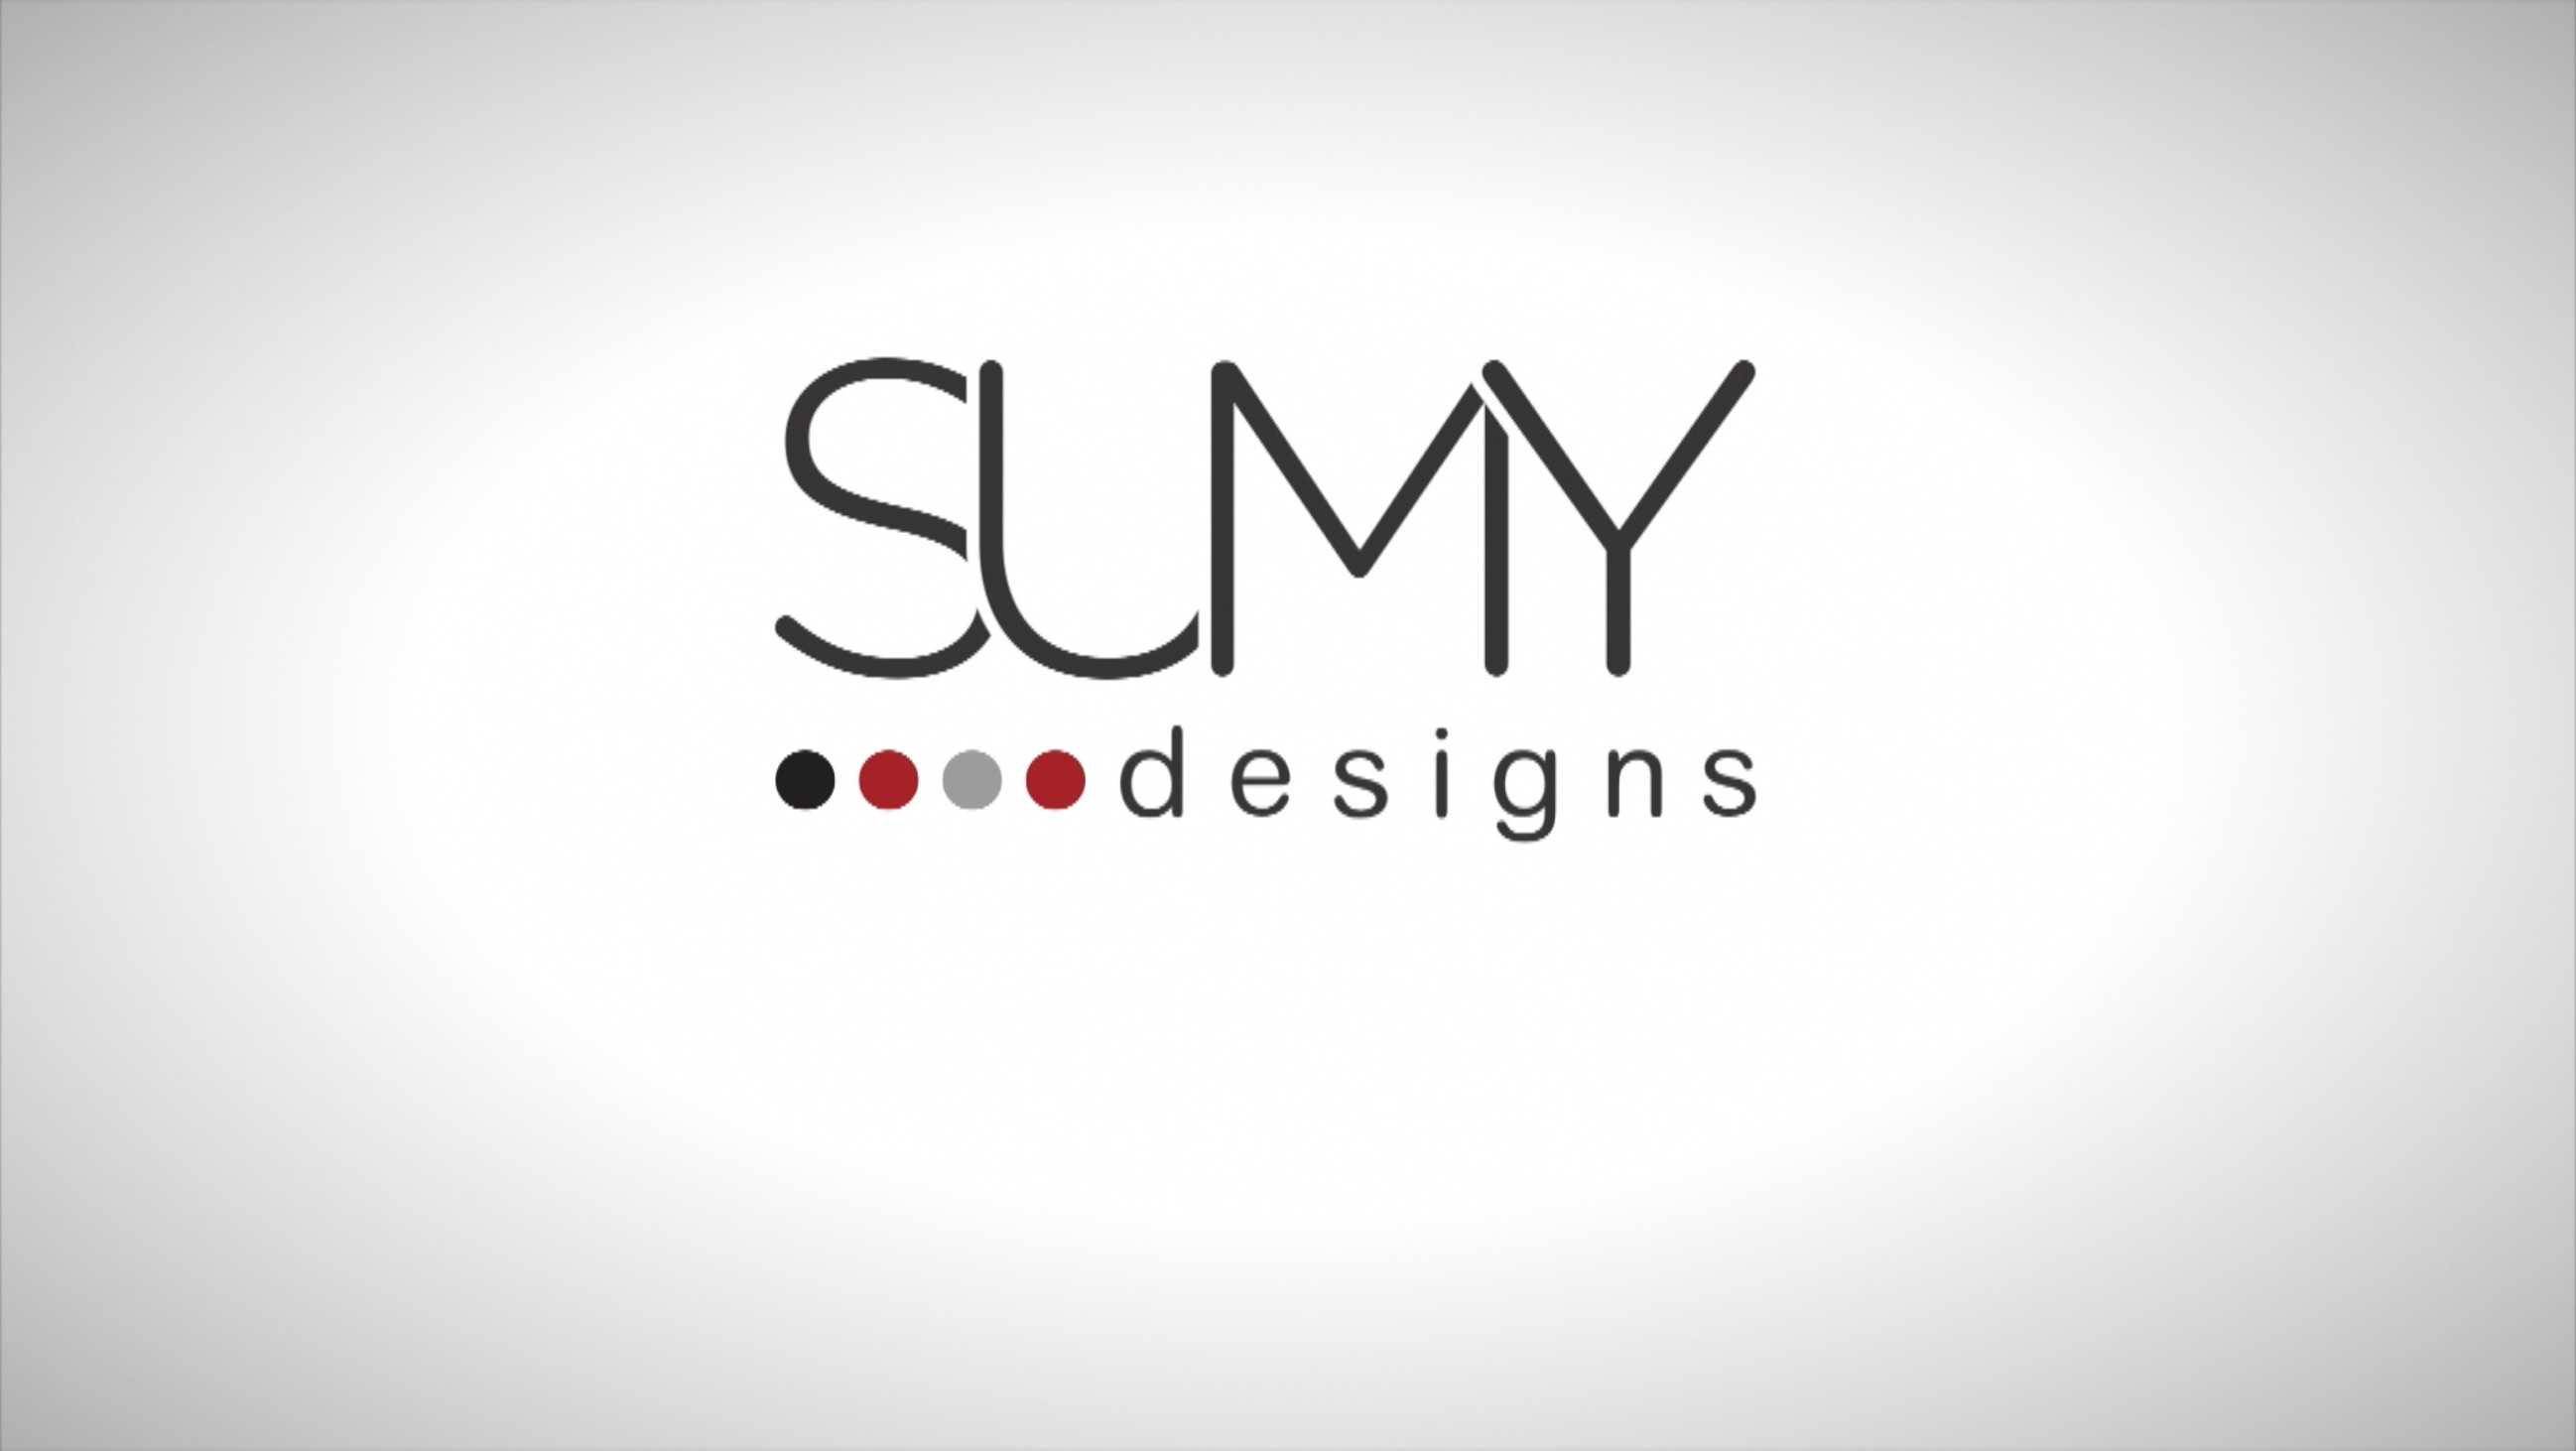 Web Design Services | Professional, Affordable Websites & More